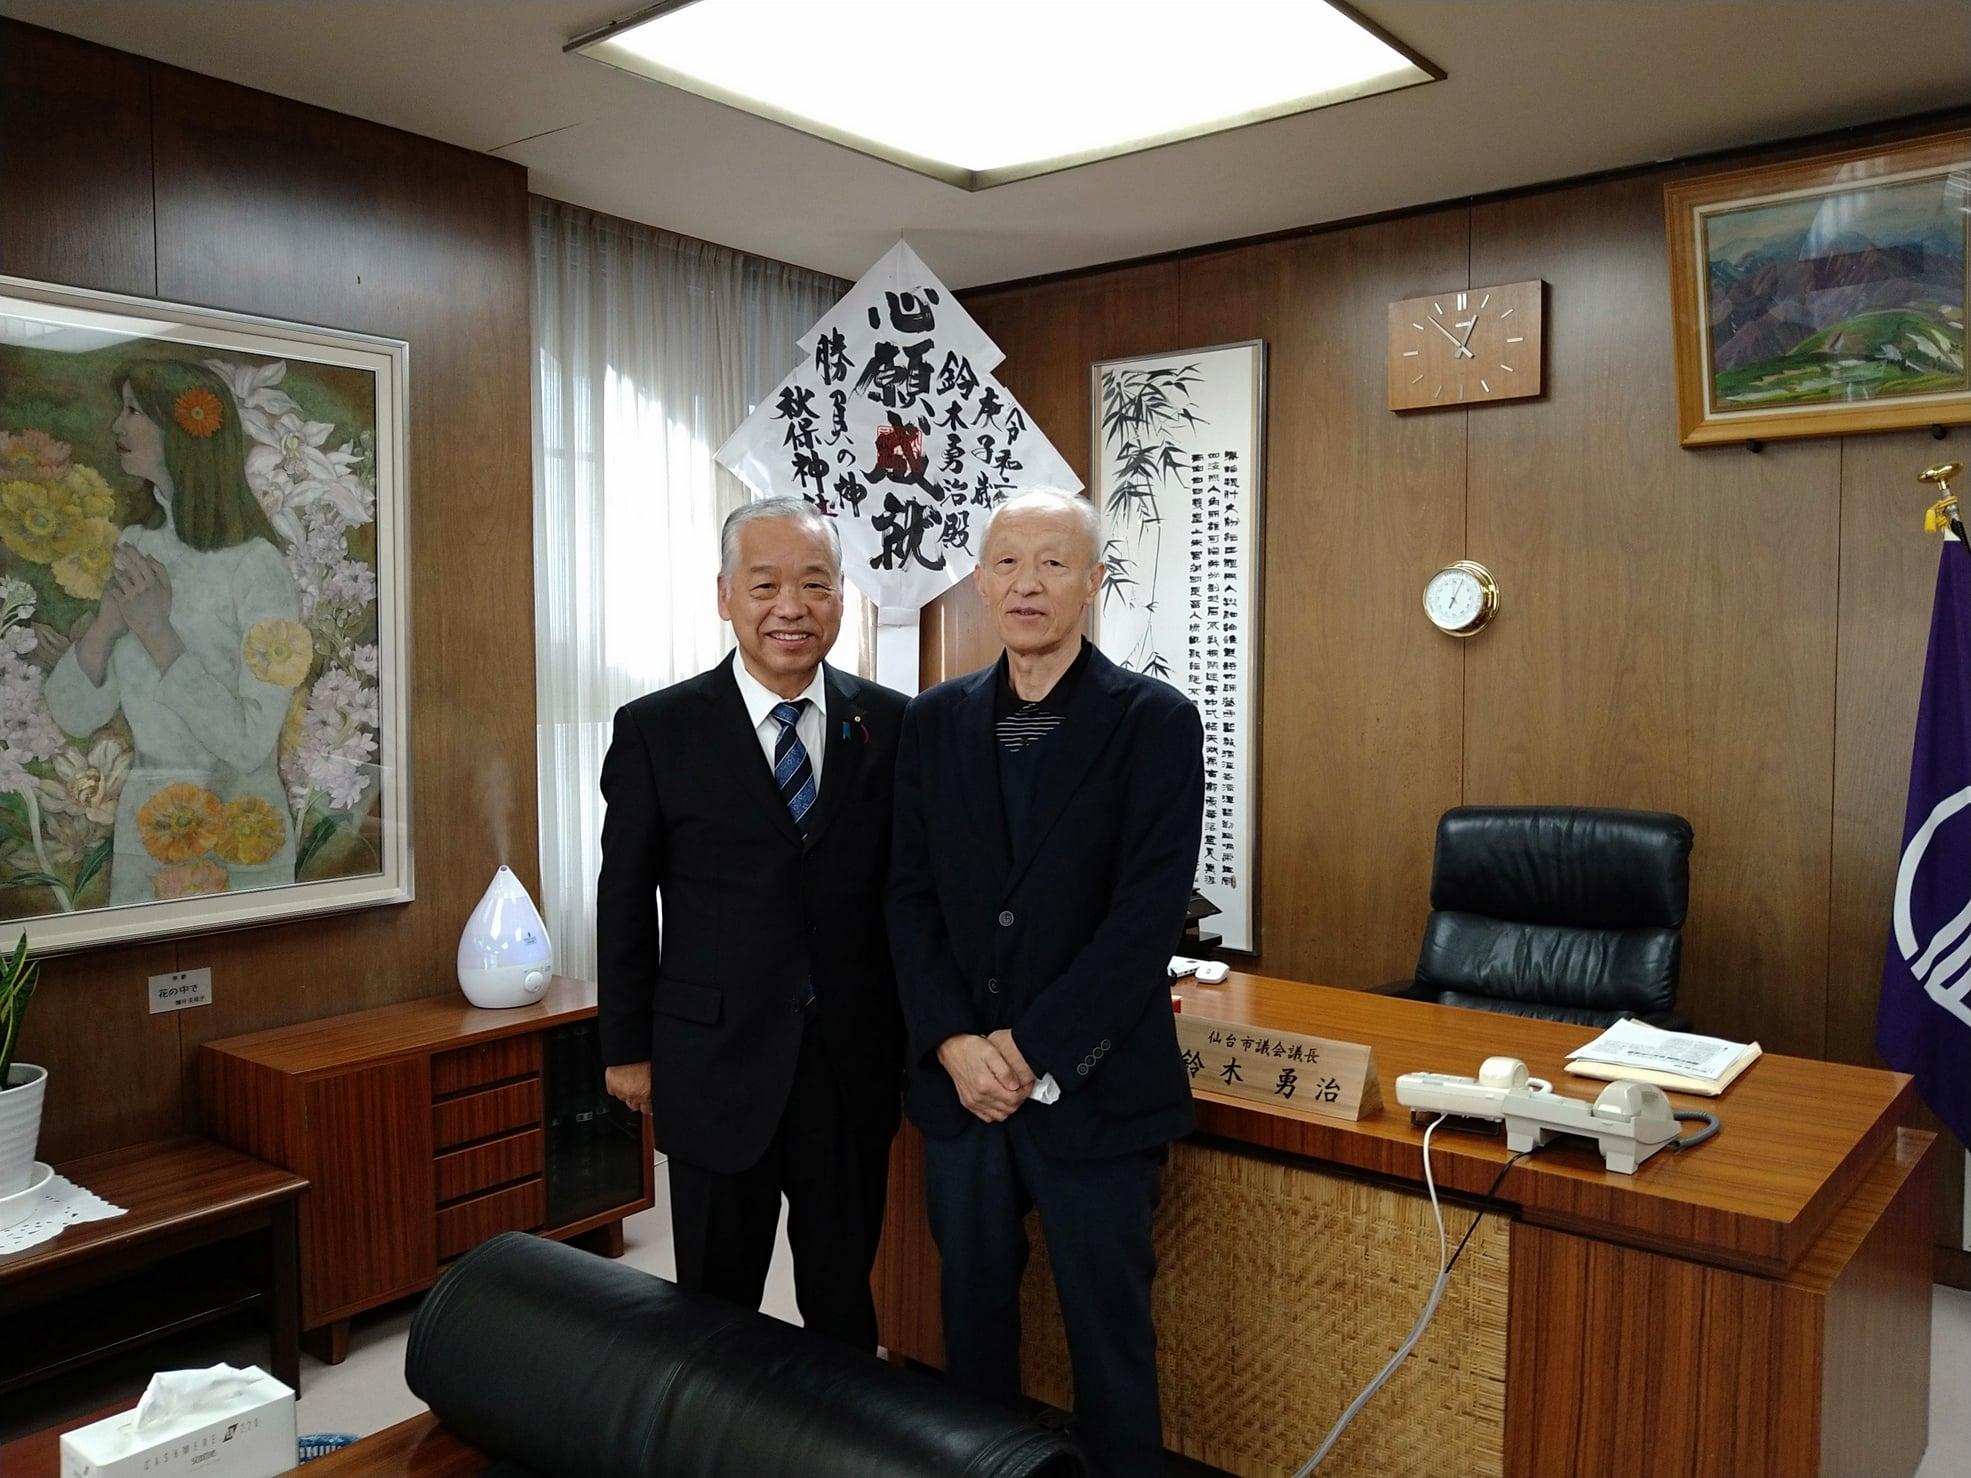 東北学院大学バドミントン部のOBである菊地正先輩が議長室に来訪されました。